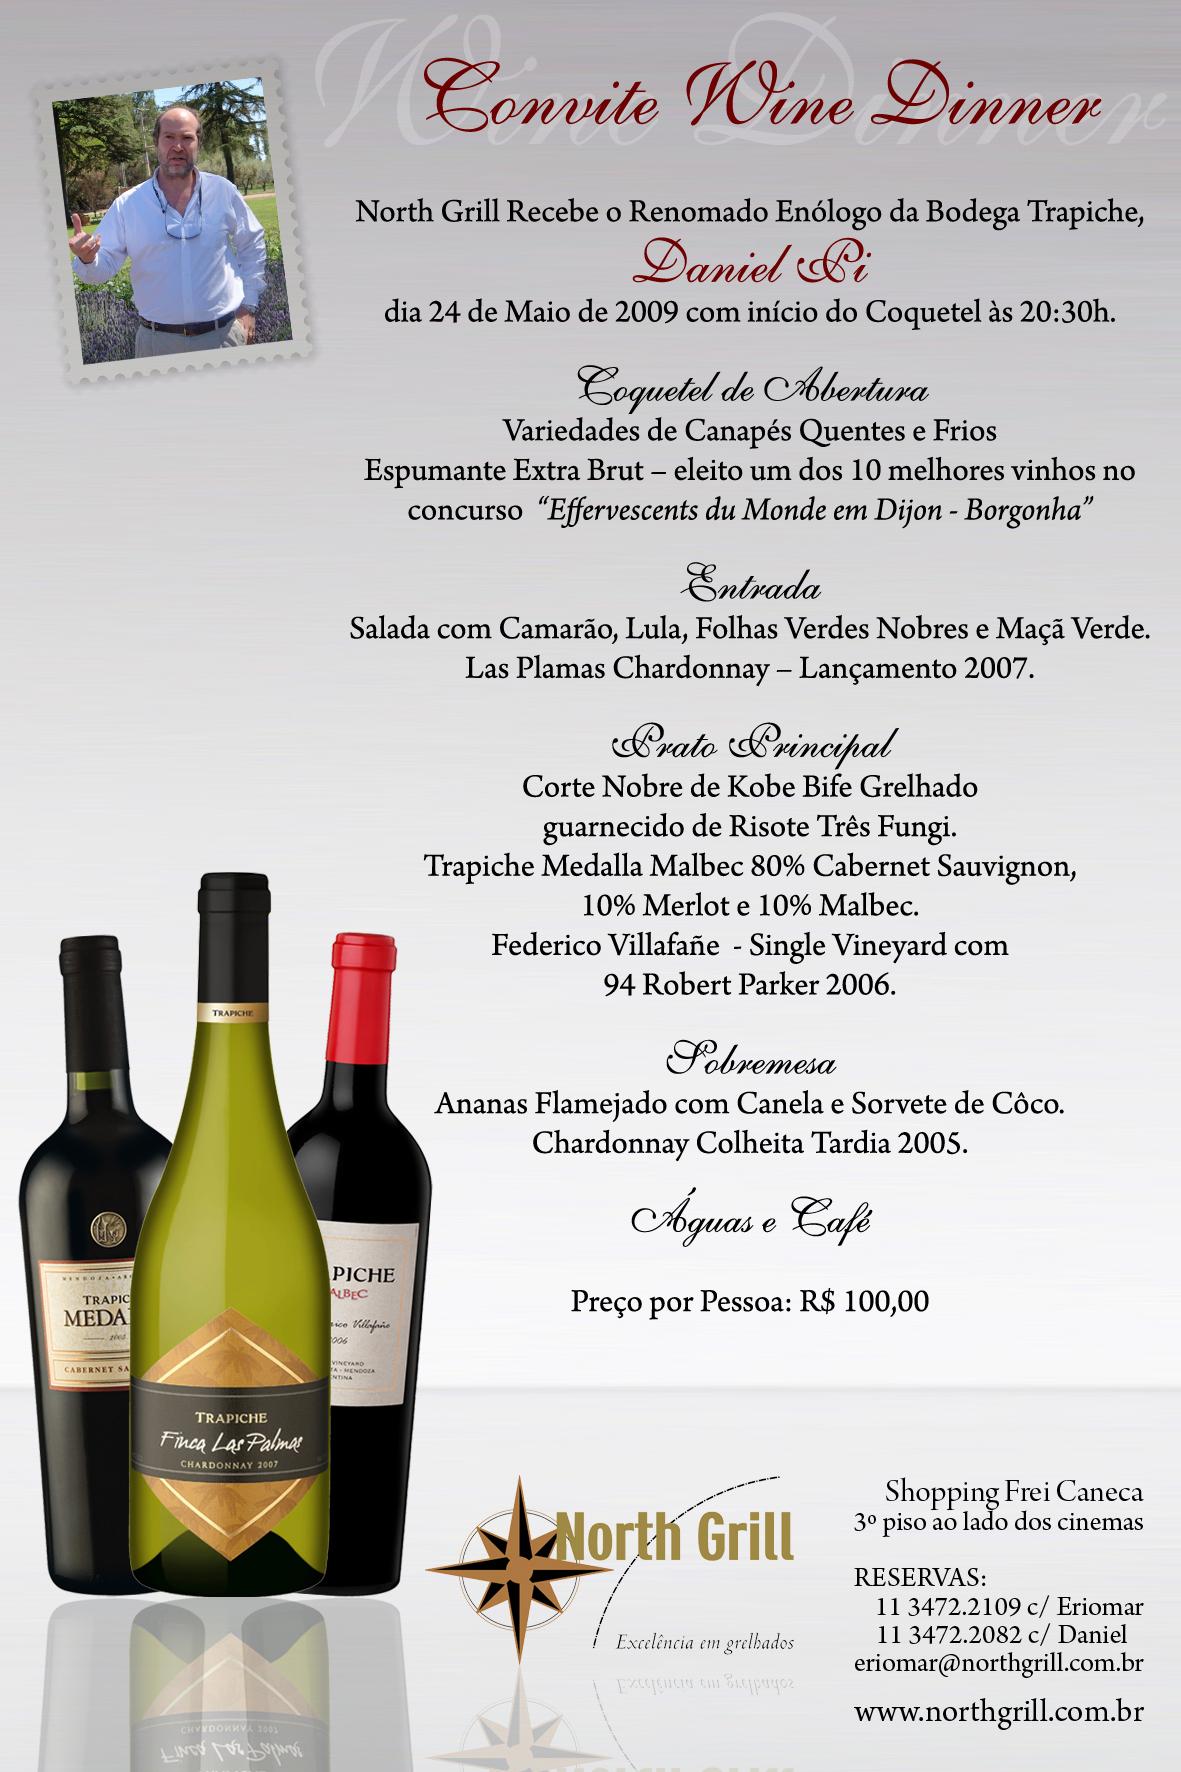 trapiche-wine-dinner-no-north-grill1